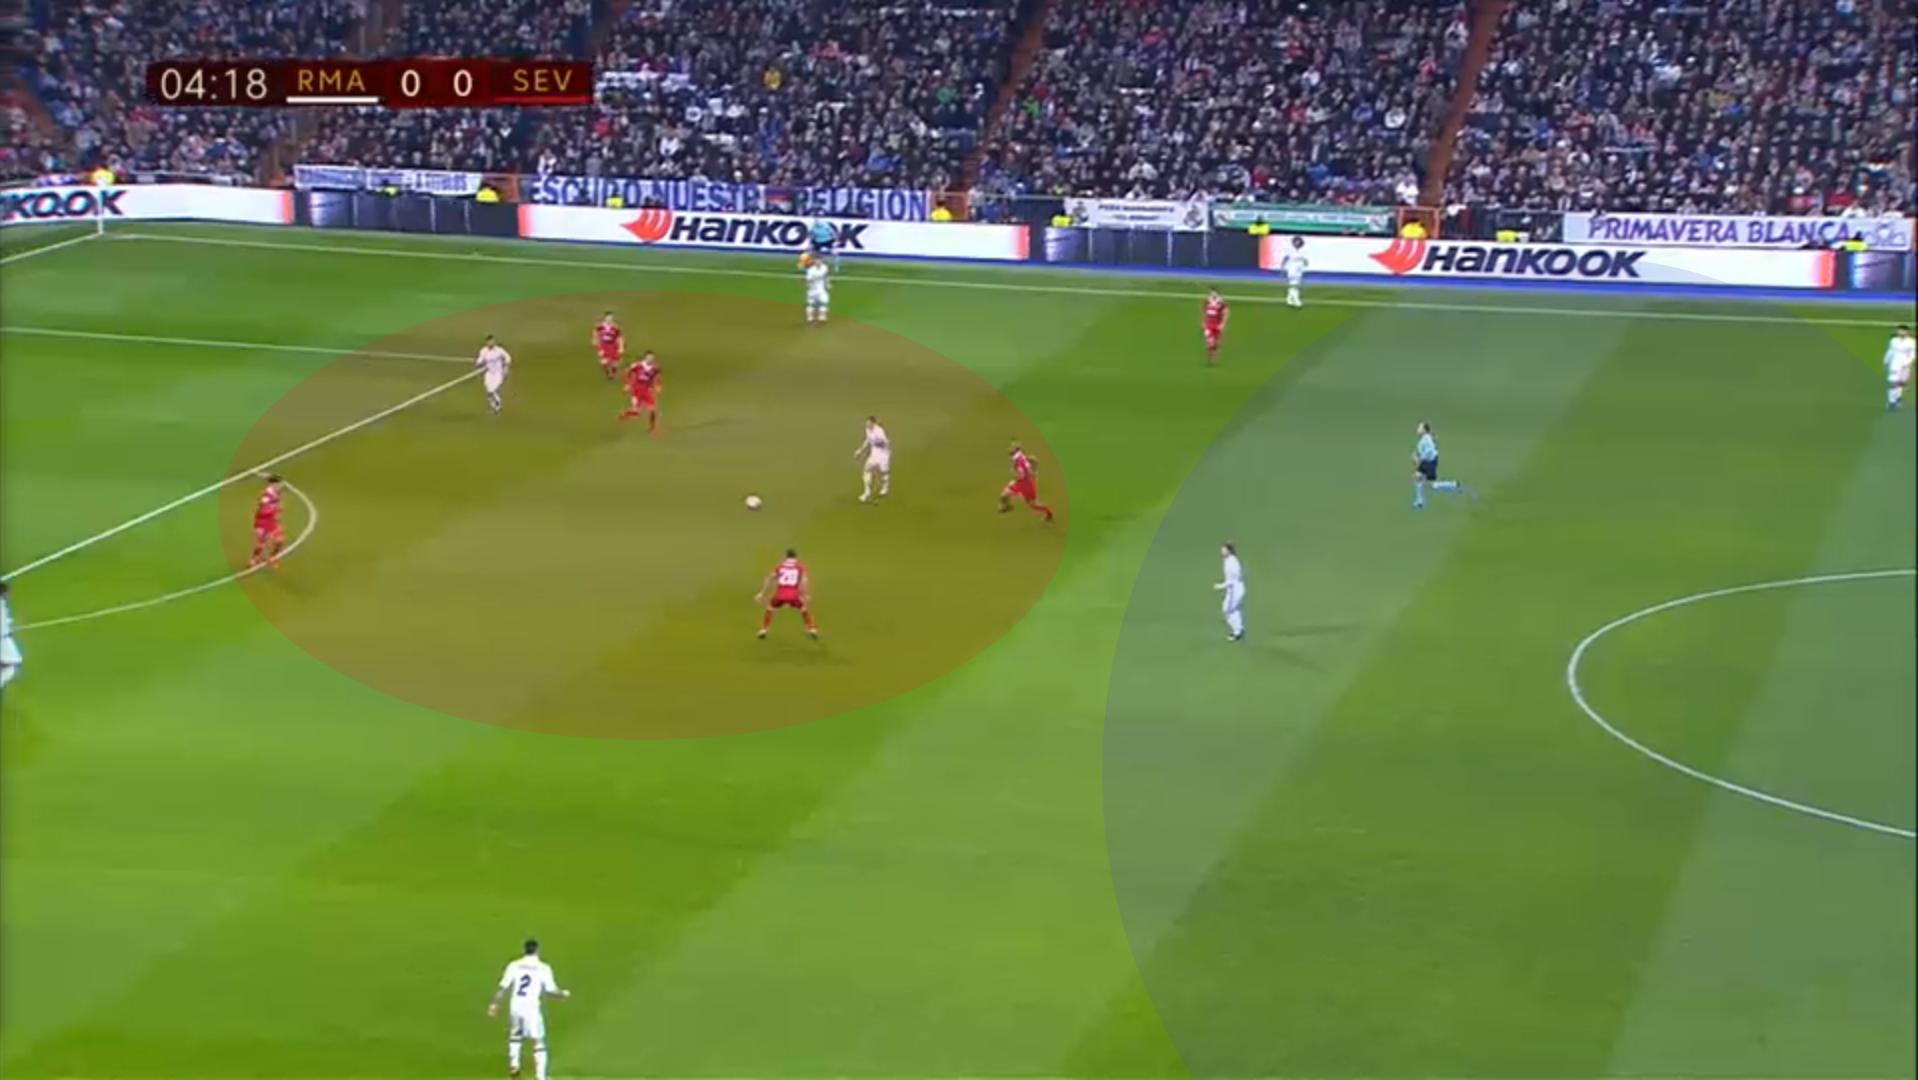 Für so hohes Pressing eigentlich eine völlig absurde Kompaktheit von Sevilla. Das Zugriffsverhalten ist aber zu lasch, dadurch ist die Verlagerung für Kroos möglich. Auch für einen langen Ball wäre sehr viel Platz (blau).